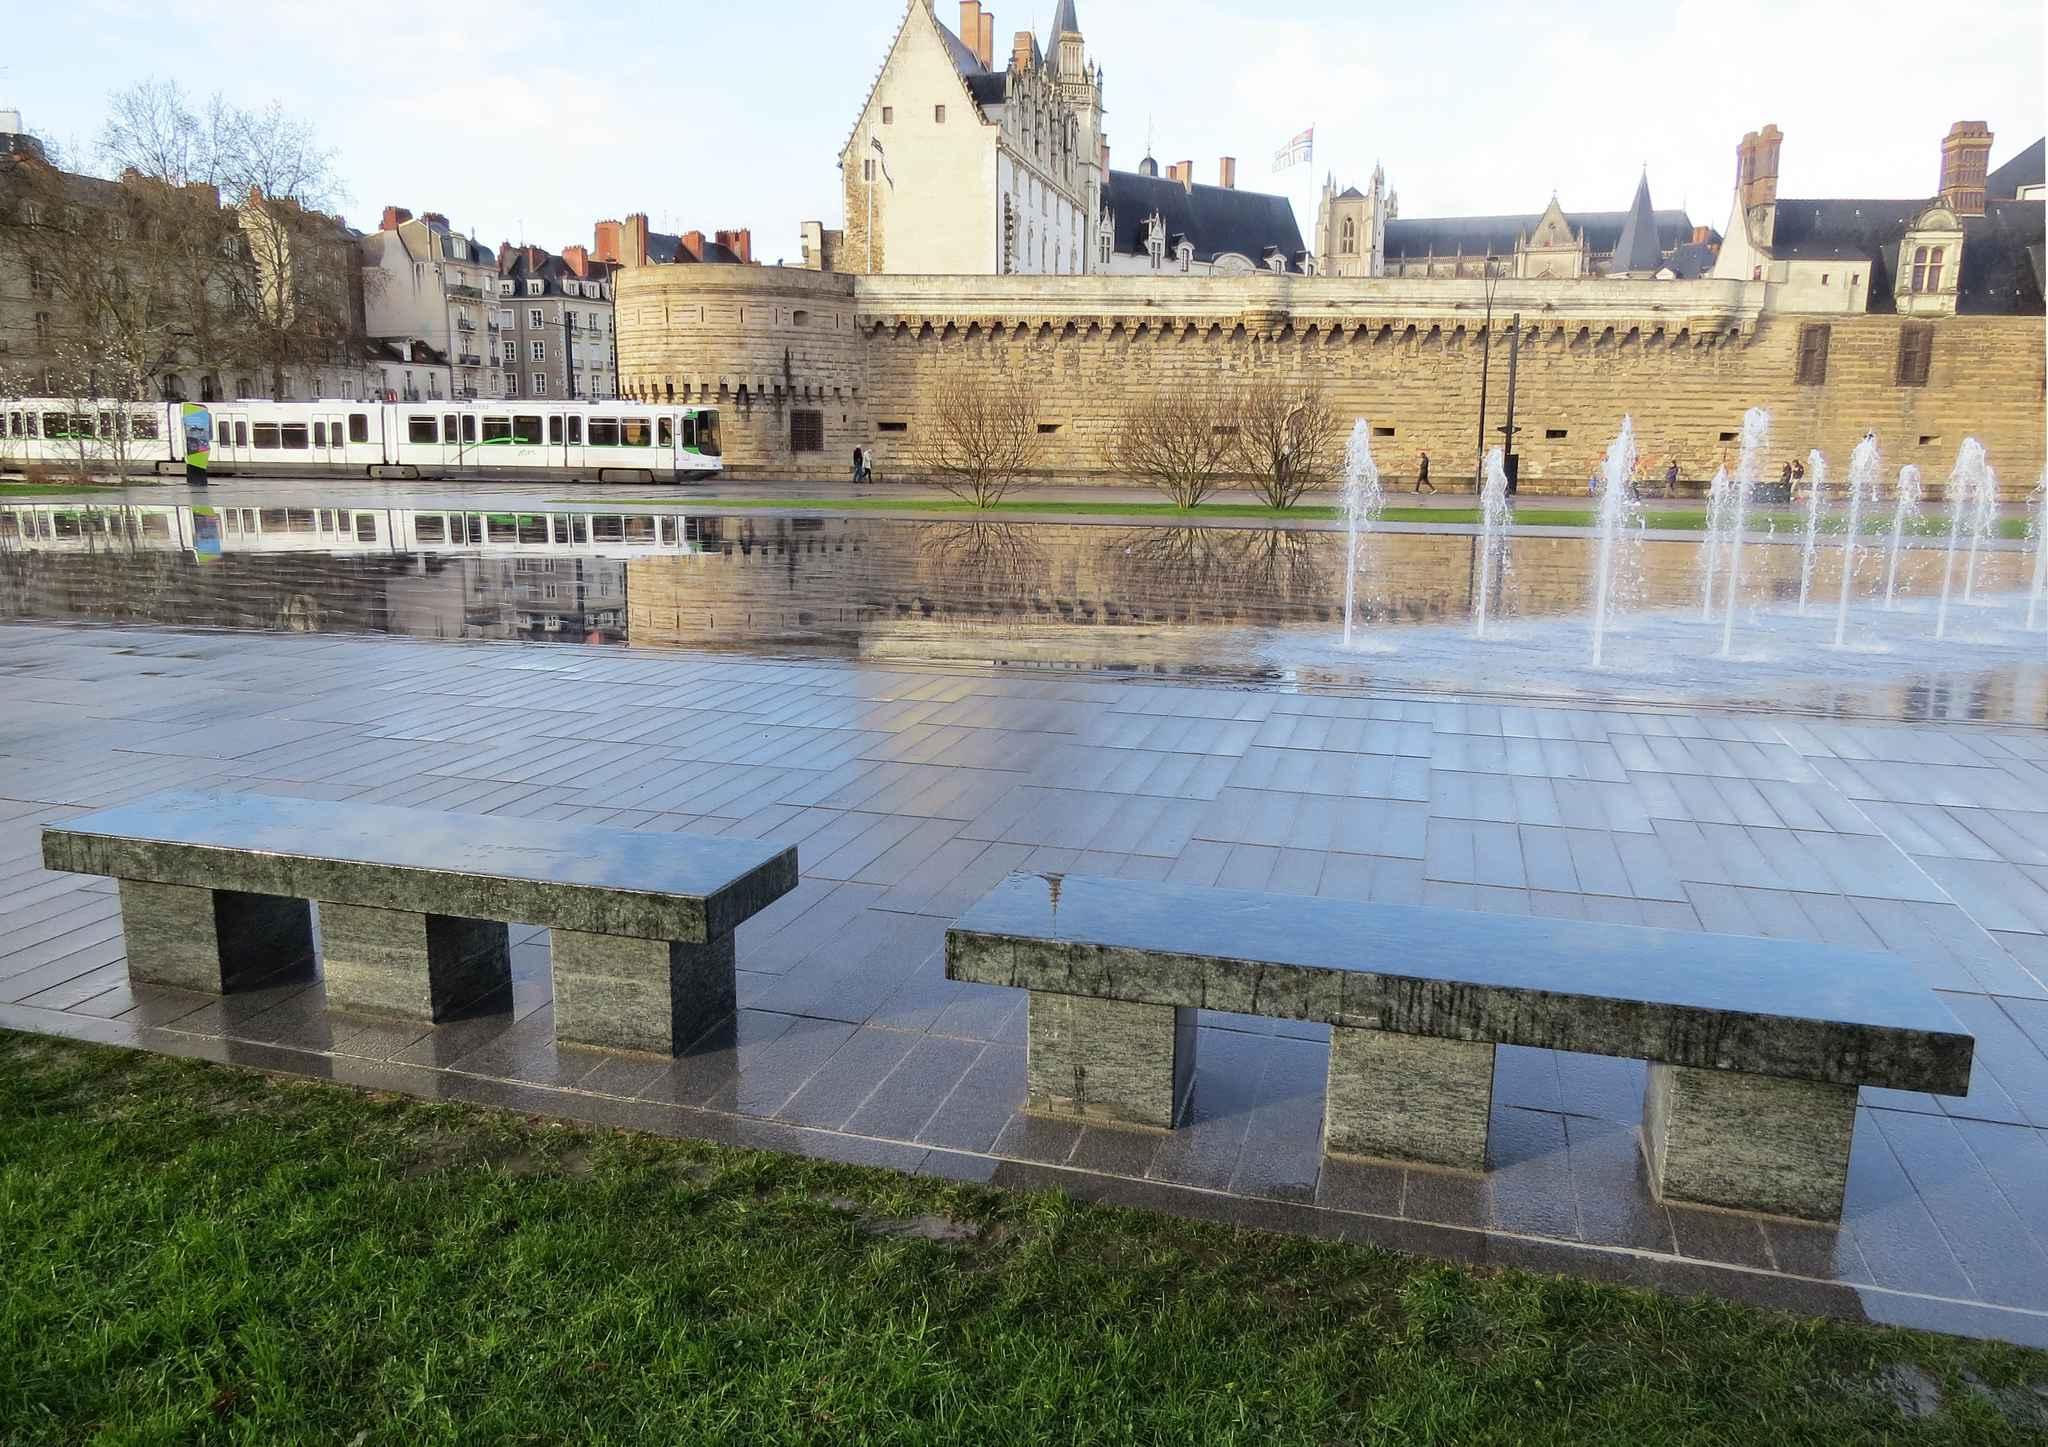 Nantes des bancs enfin autour du miroir d 39 eau for Miroir d eau nantes